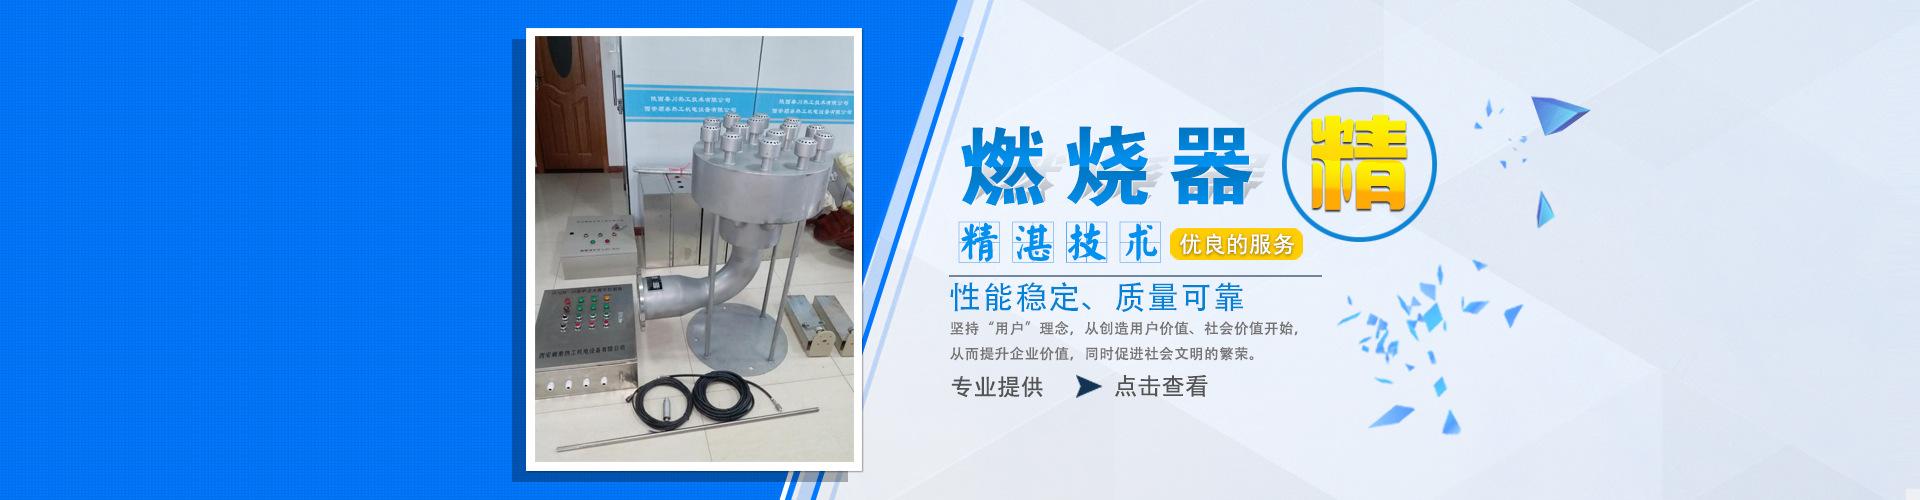 陕西秦川热工技术有限公司